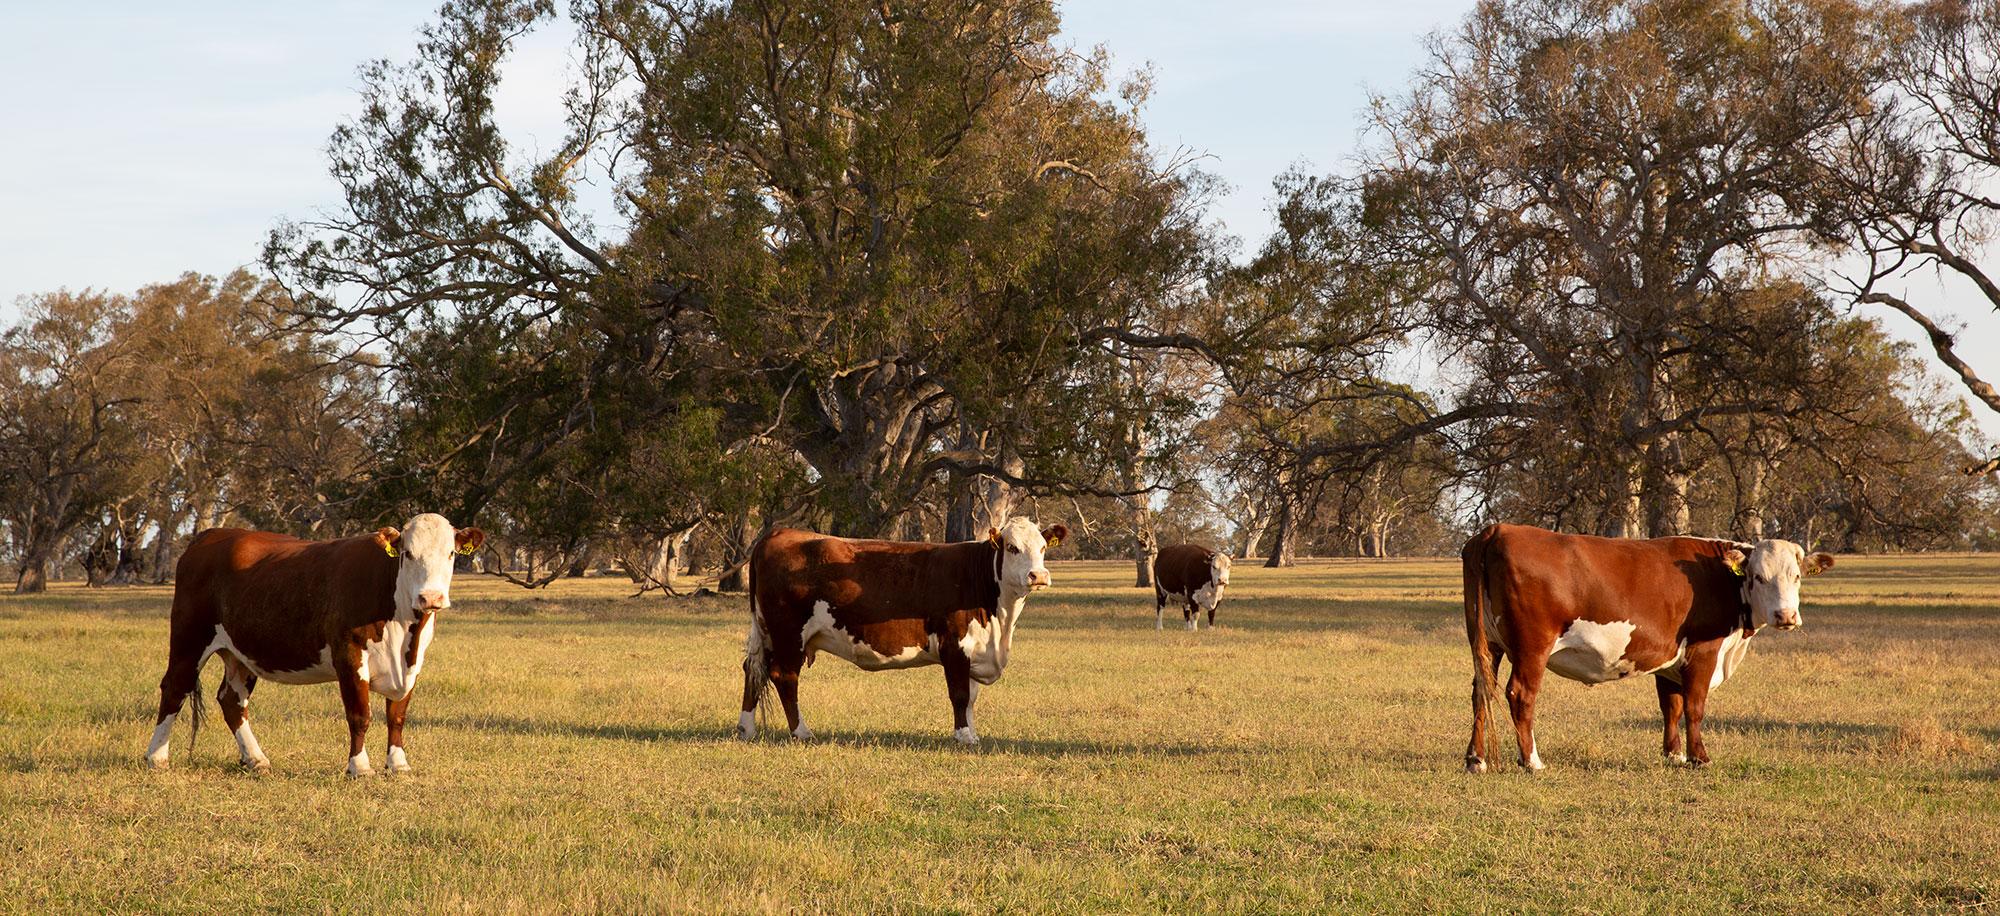 Cattle standing in Australian paddock